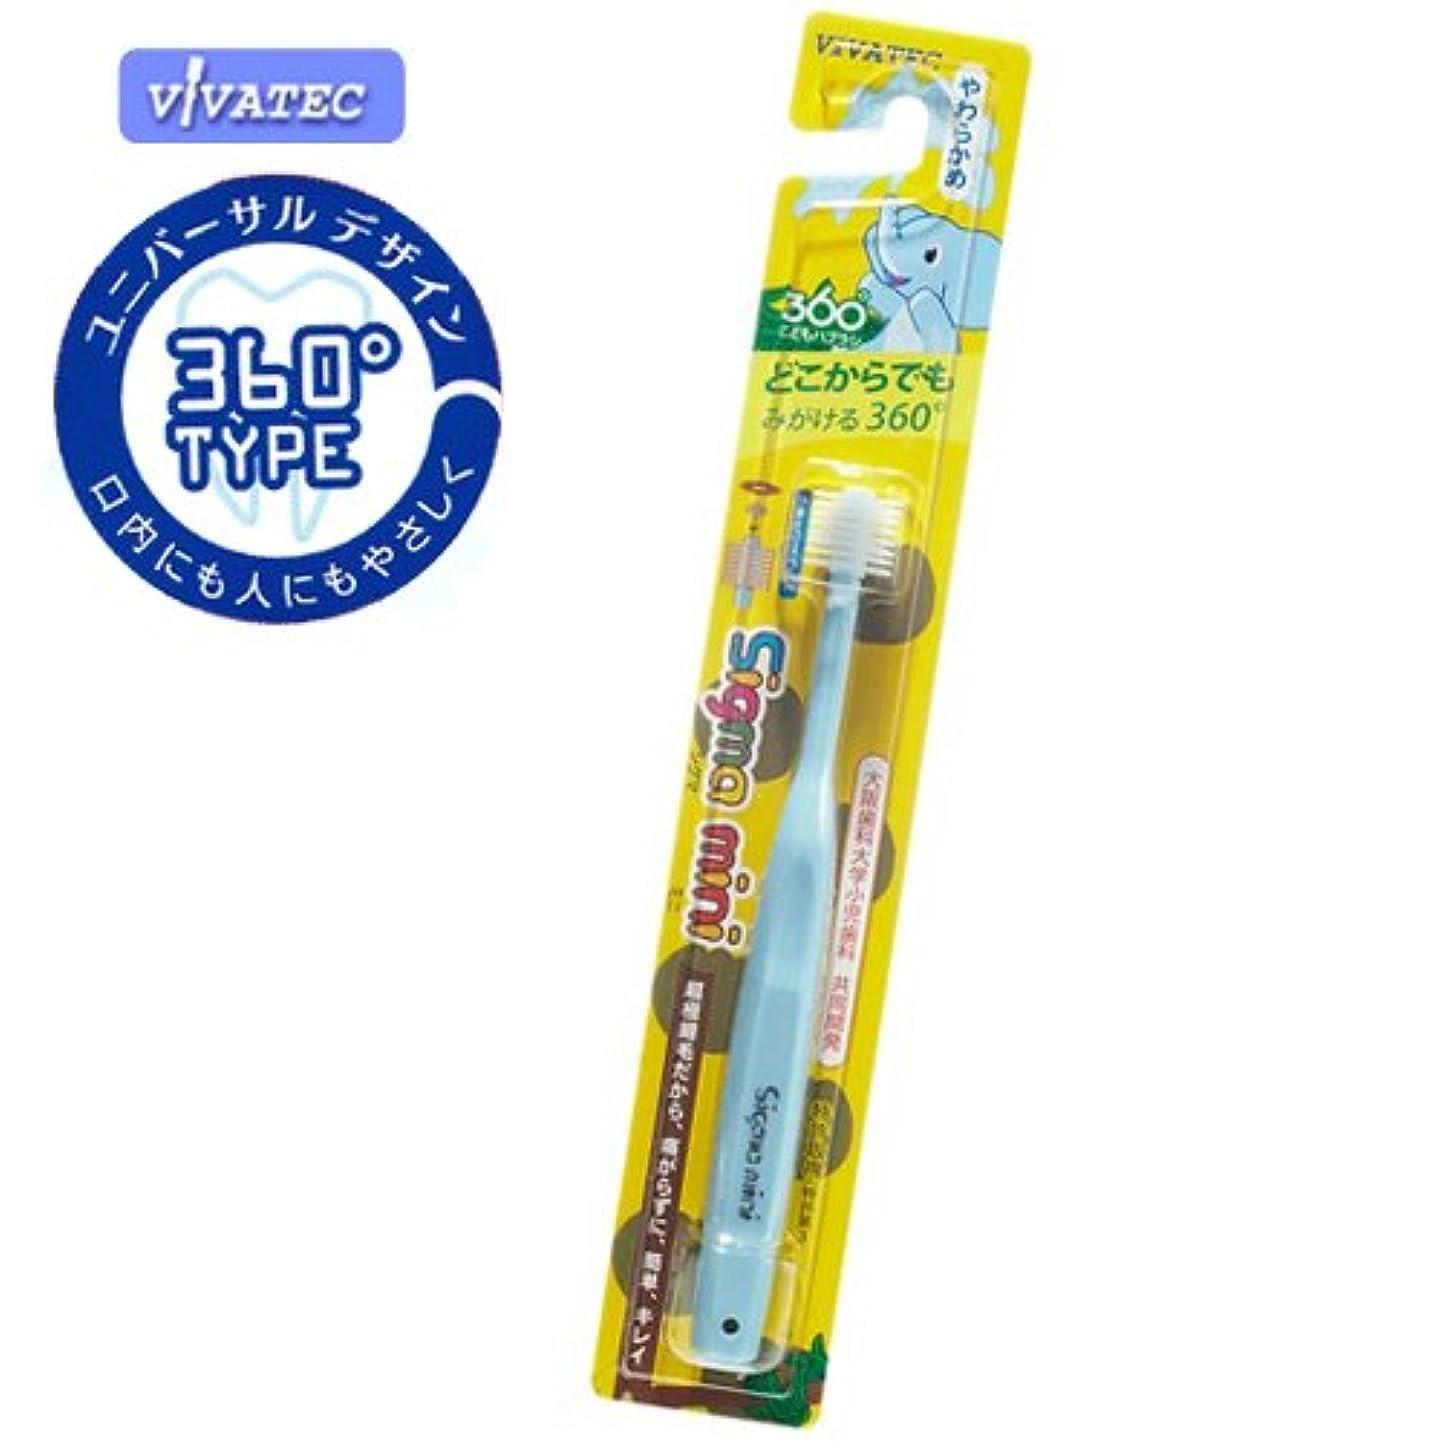 鍔過ち吸収子供用360度歯ブラシ シグマミニ(ブルー)やわらか